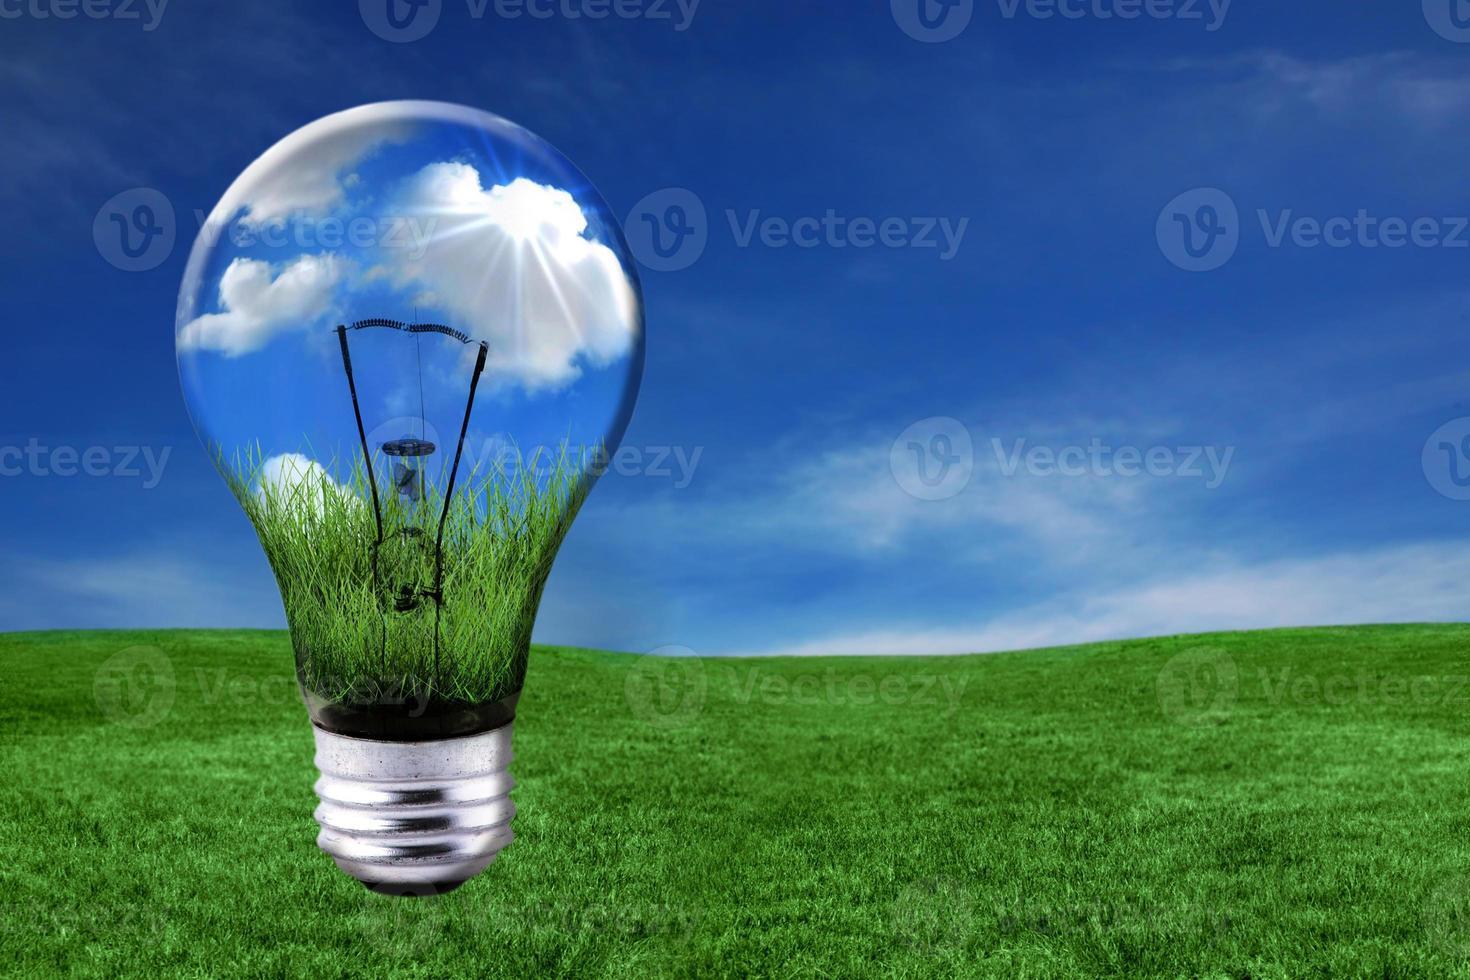 soluciones de energía verde con bombilla foto